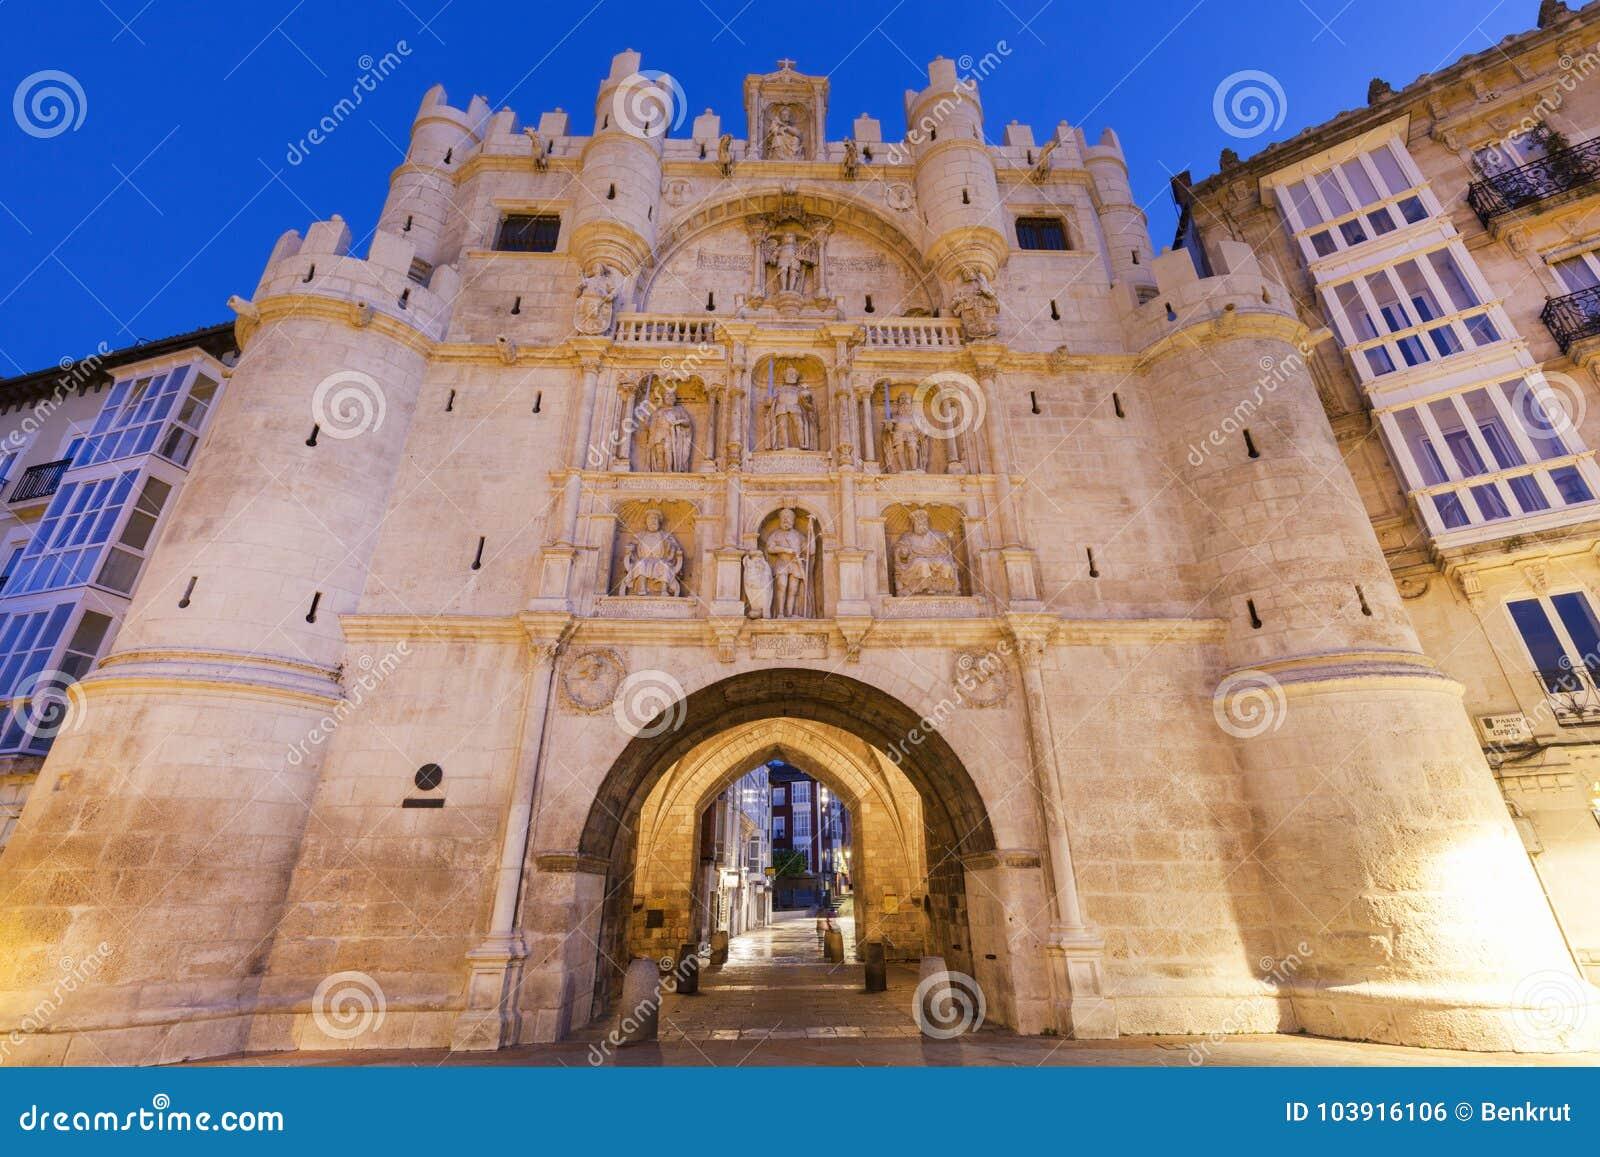 Arco De Santa Maria à Burgos